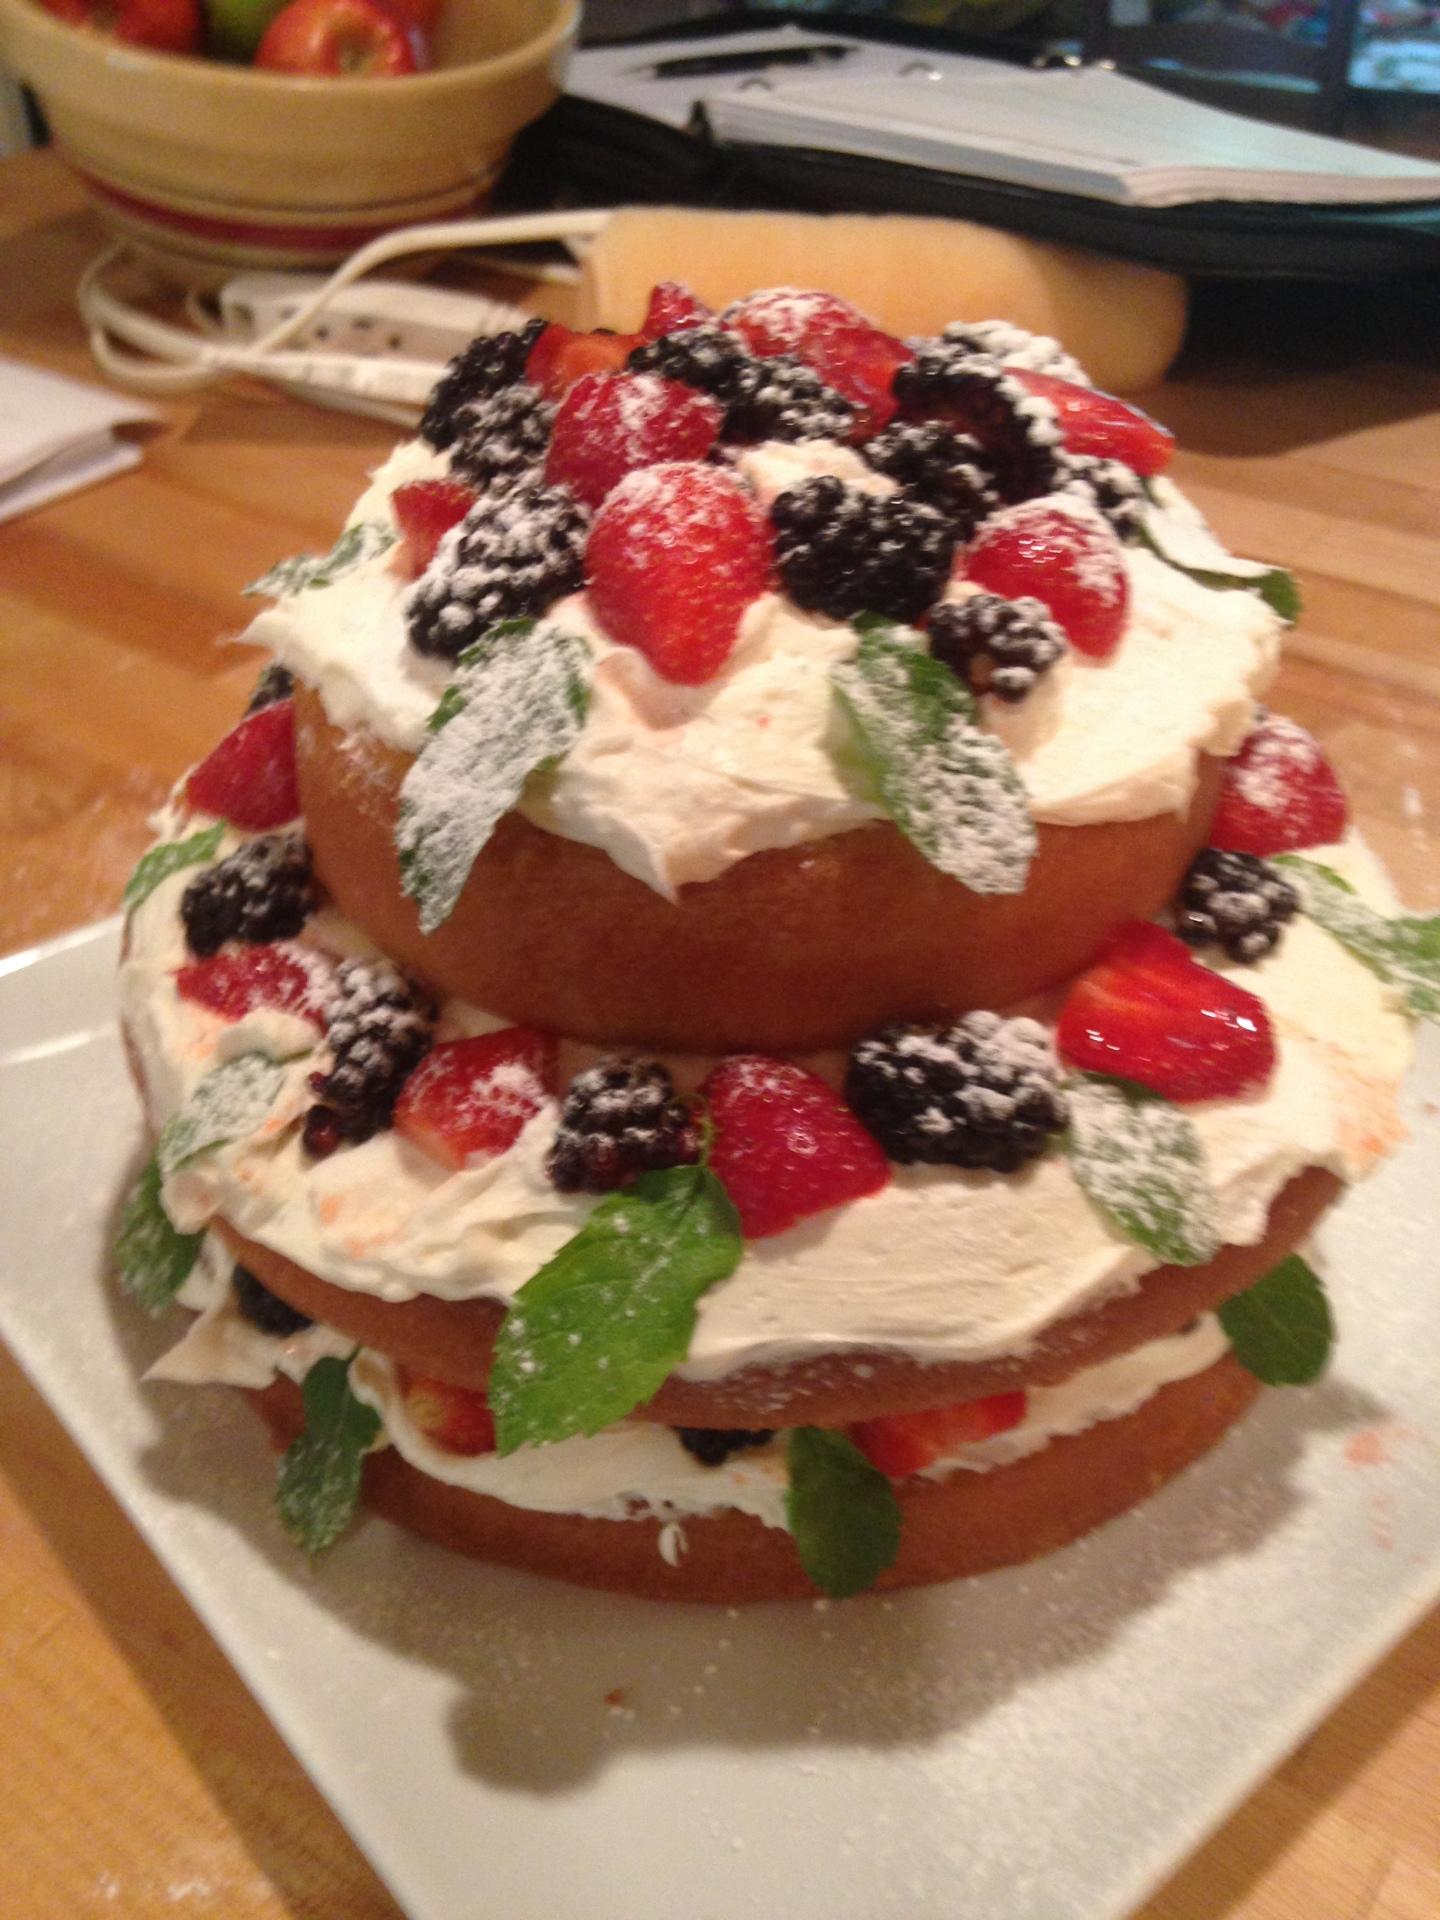 Naked Cake, artist cake